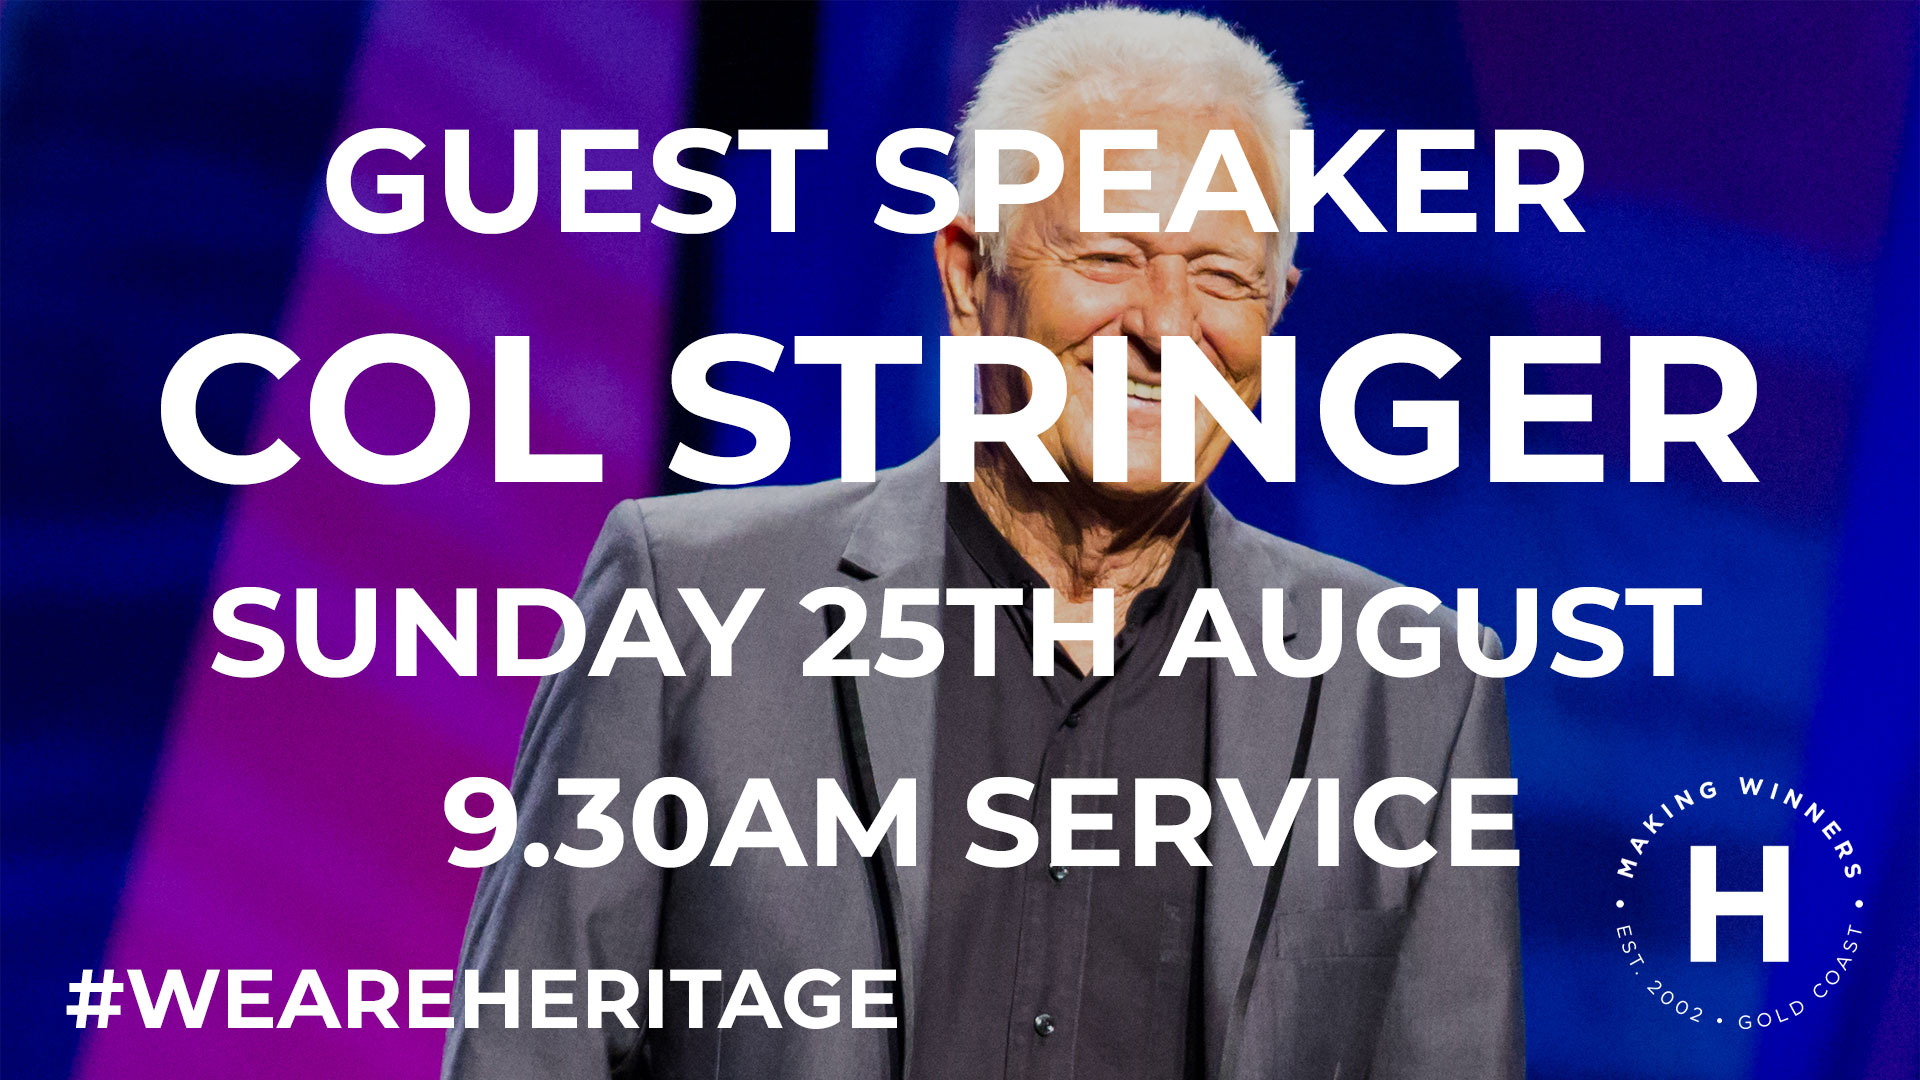 Guest Speaker Col Stringer